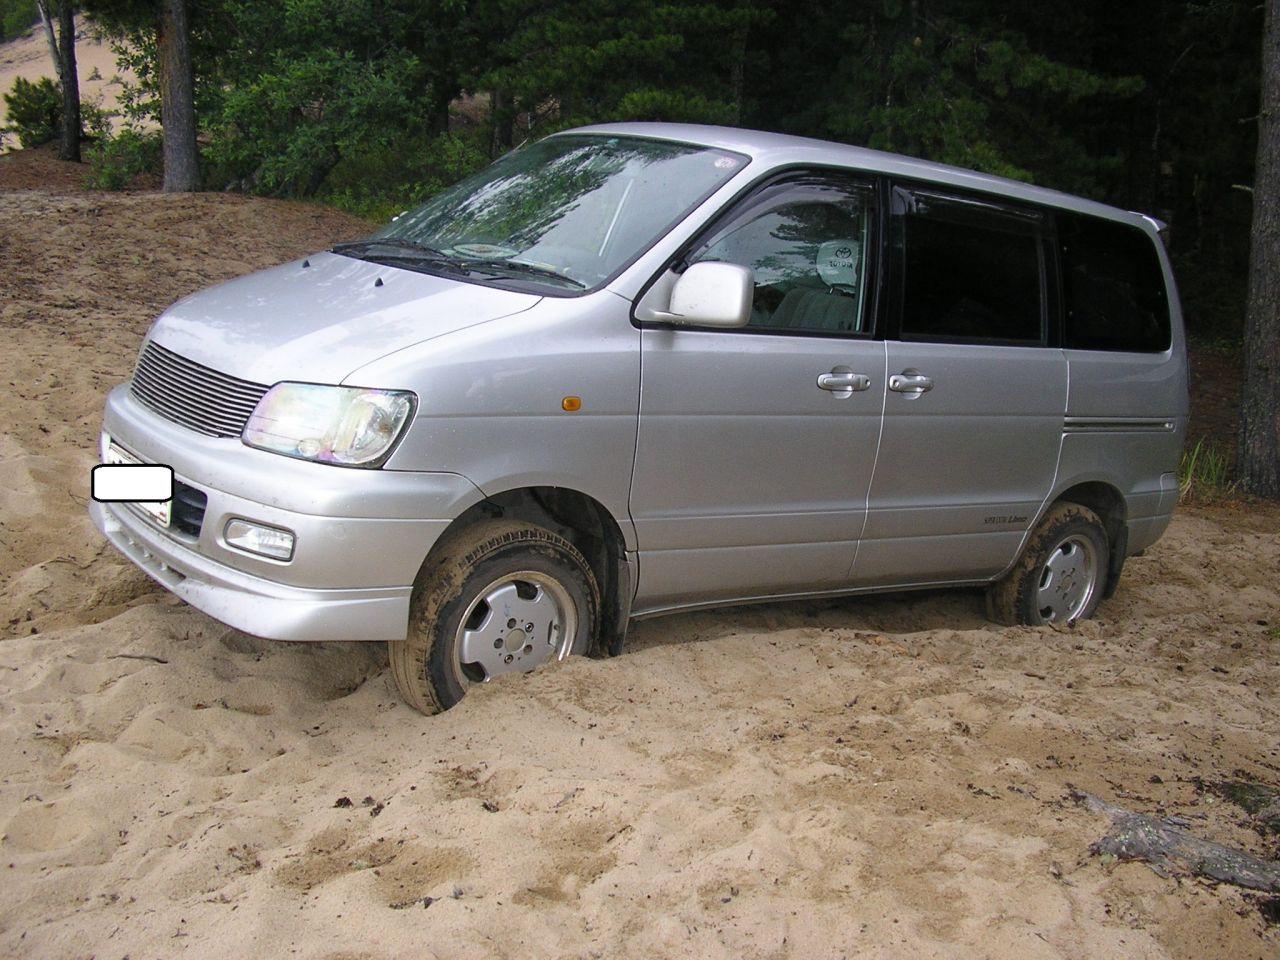 Вот тут в песках Байкала я и подсел, но выехав и спустив колеса до 0,5 - проехал.